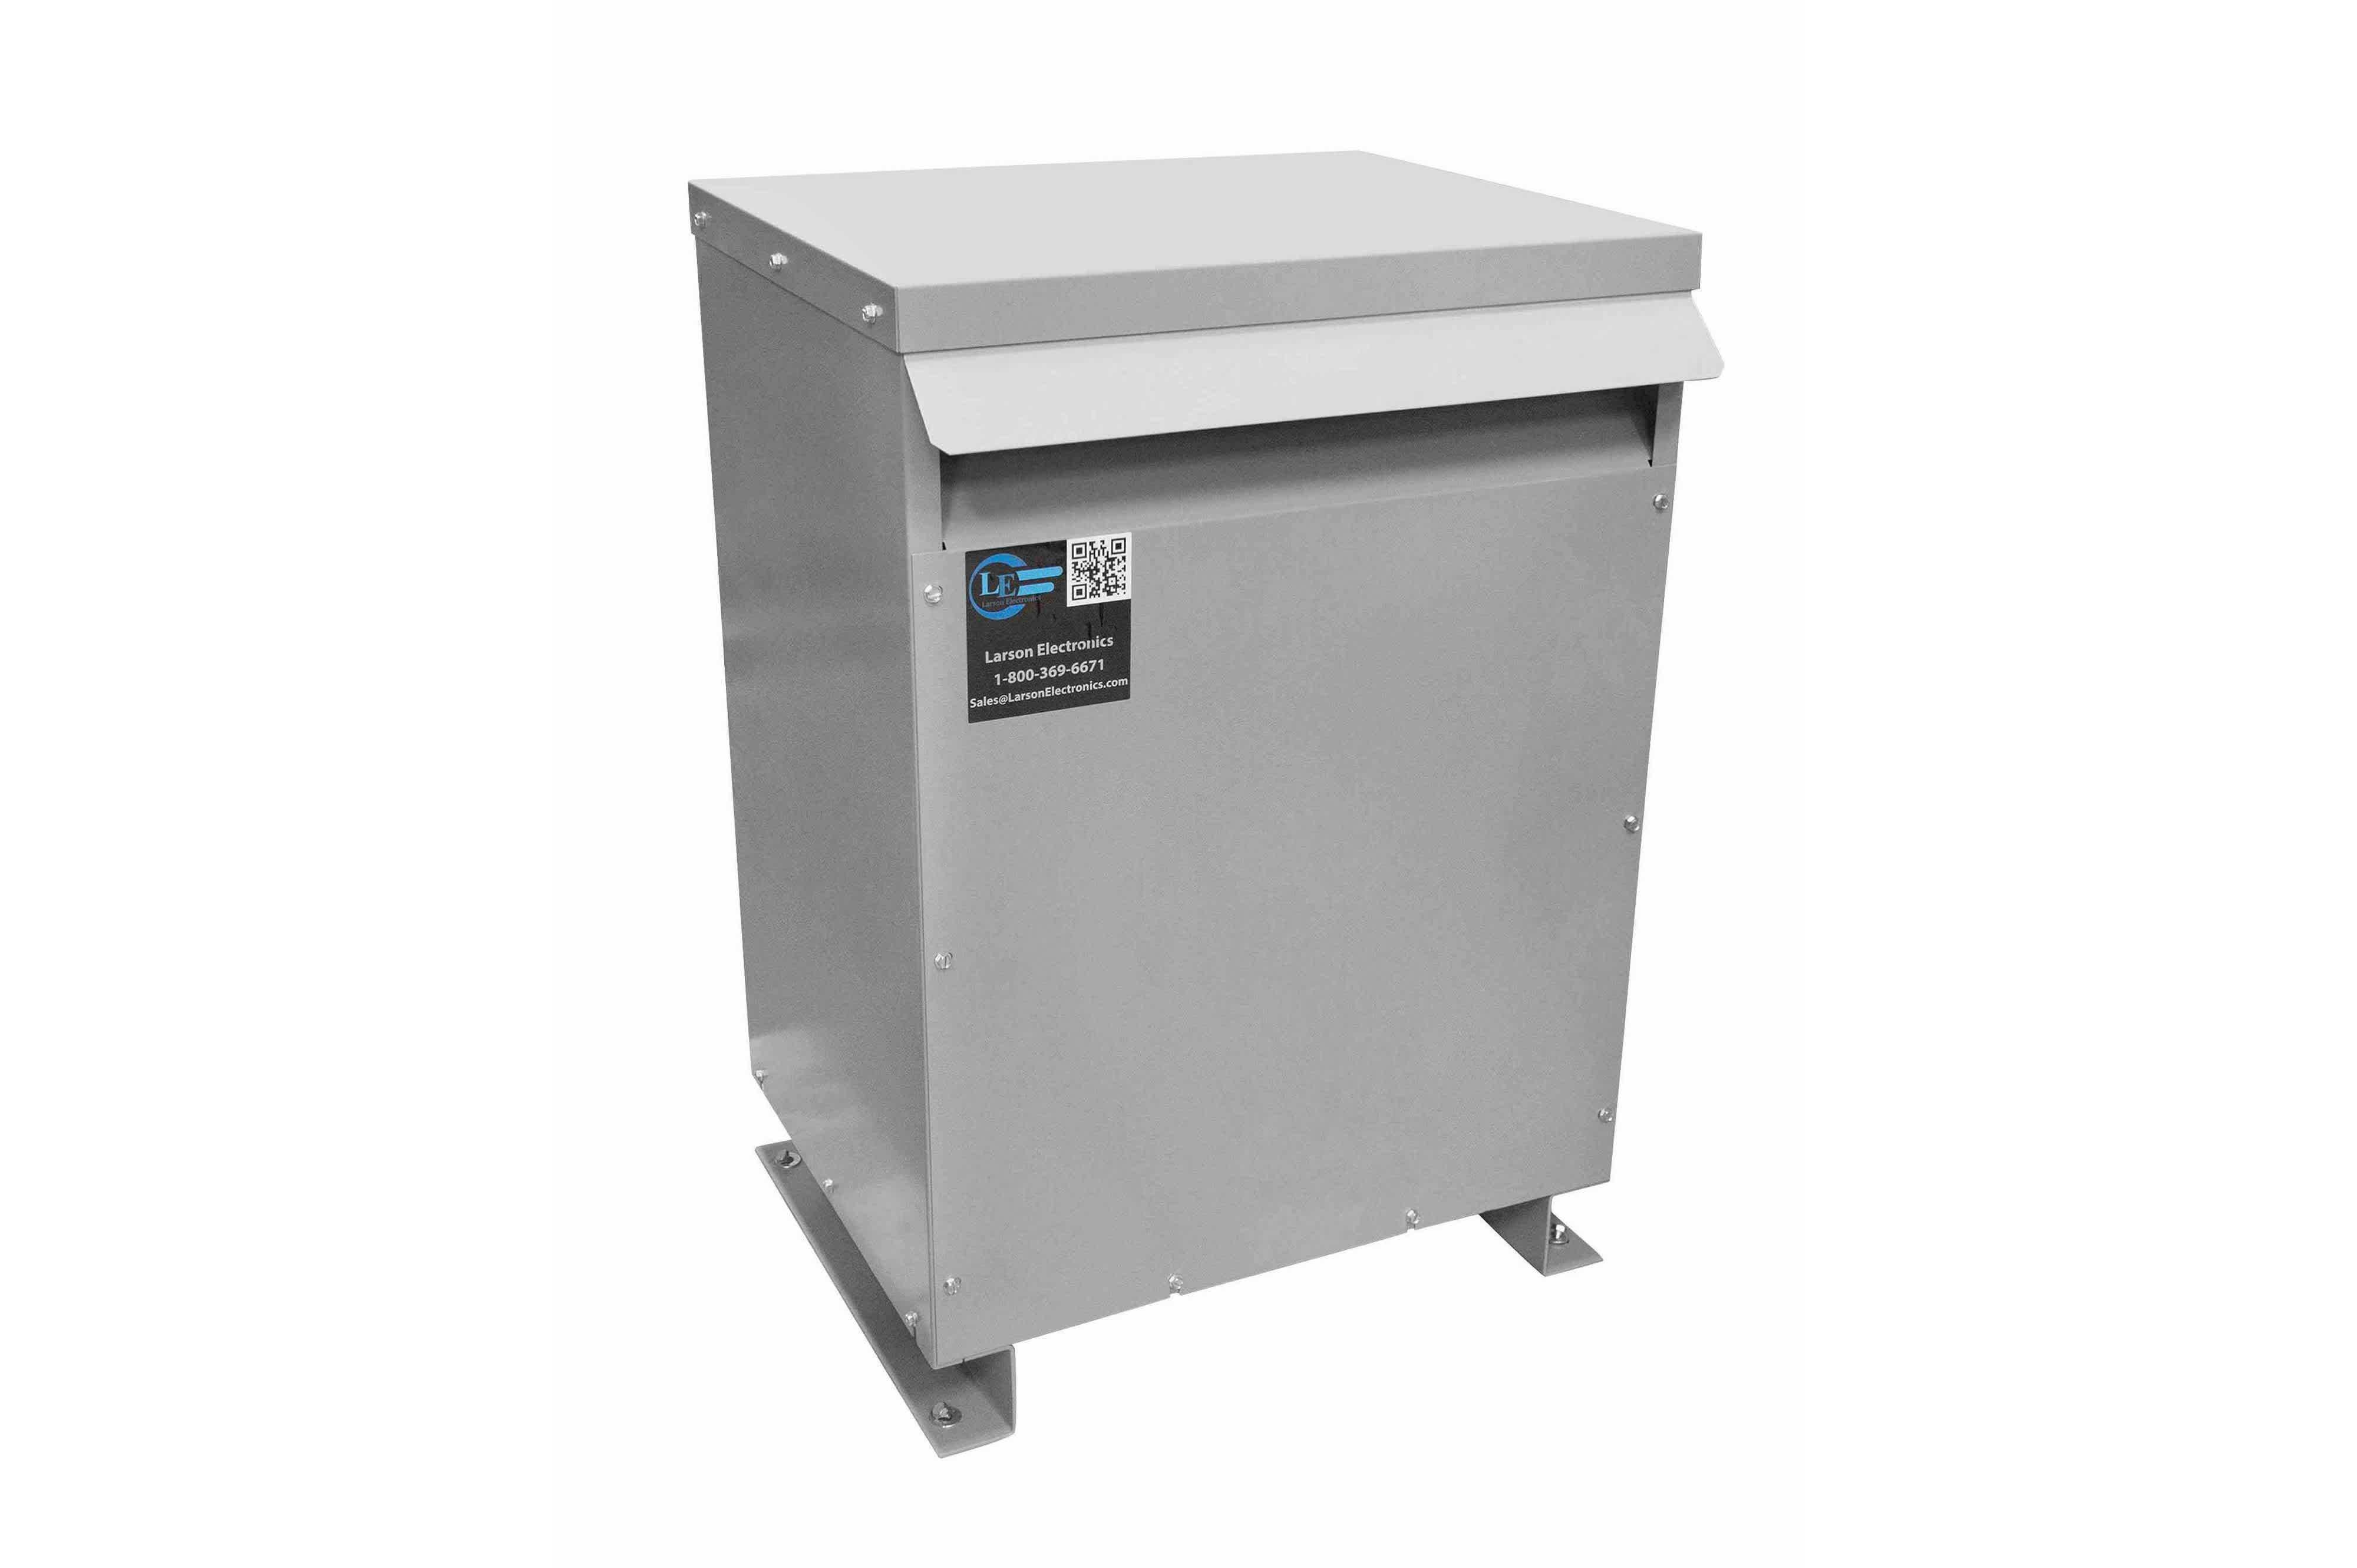 175 kVA 3PH Isolation Transformer, 600V Delta Primary, 415V Delta Secondary, N3R, Ventilated, 60 Hz